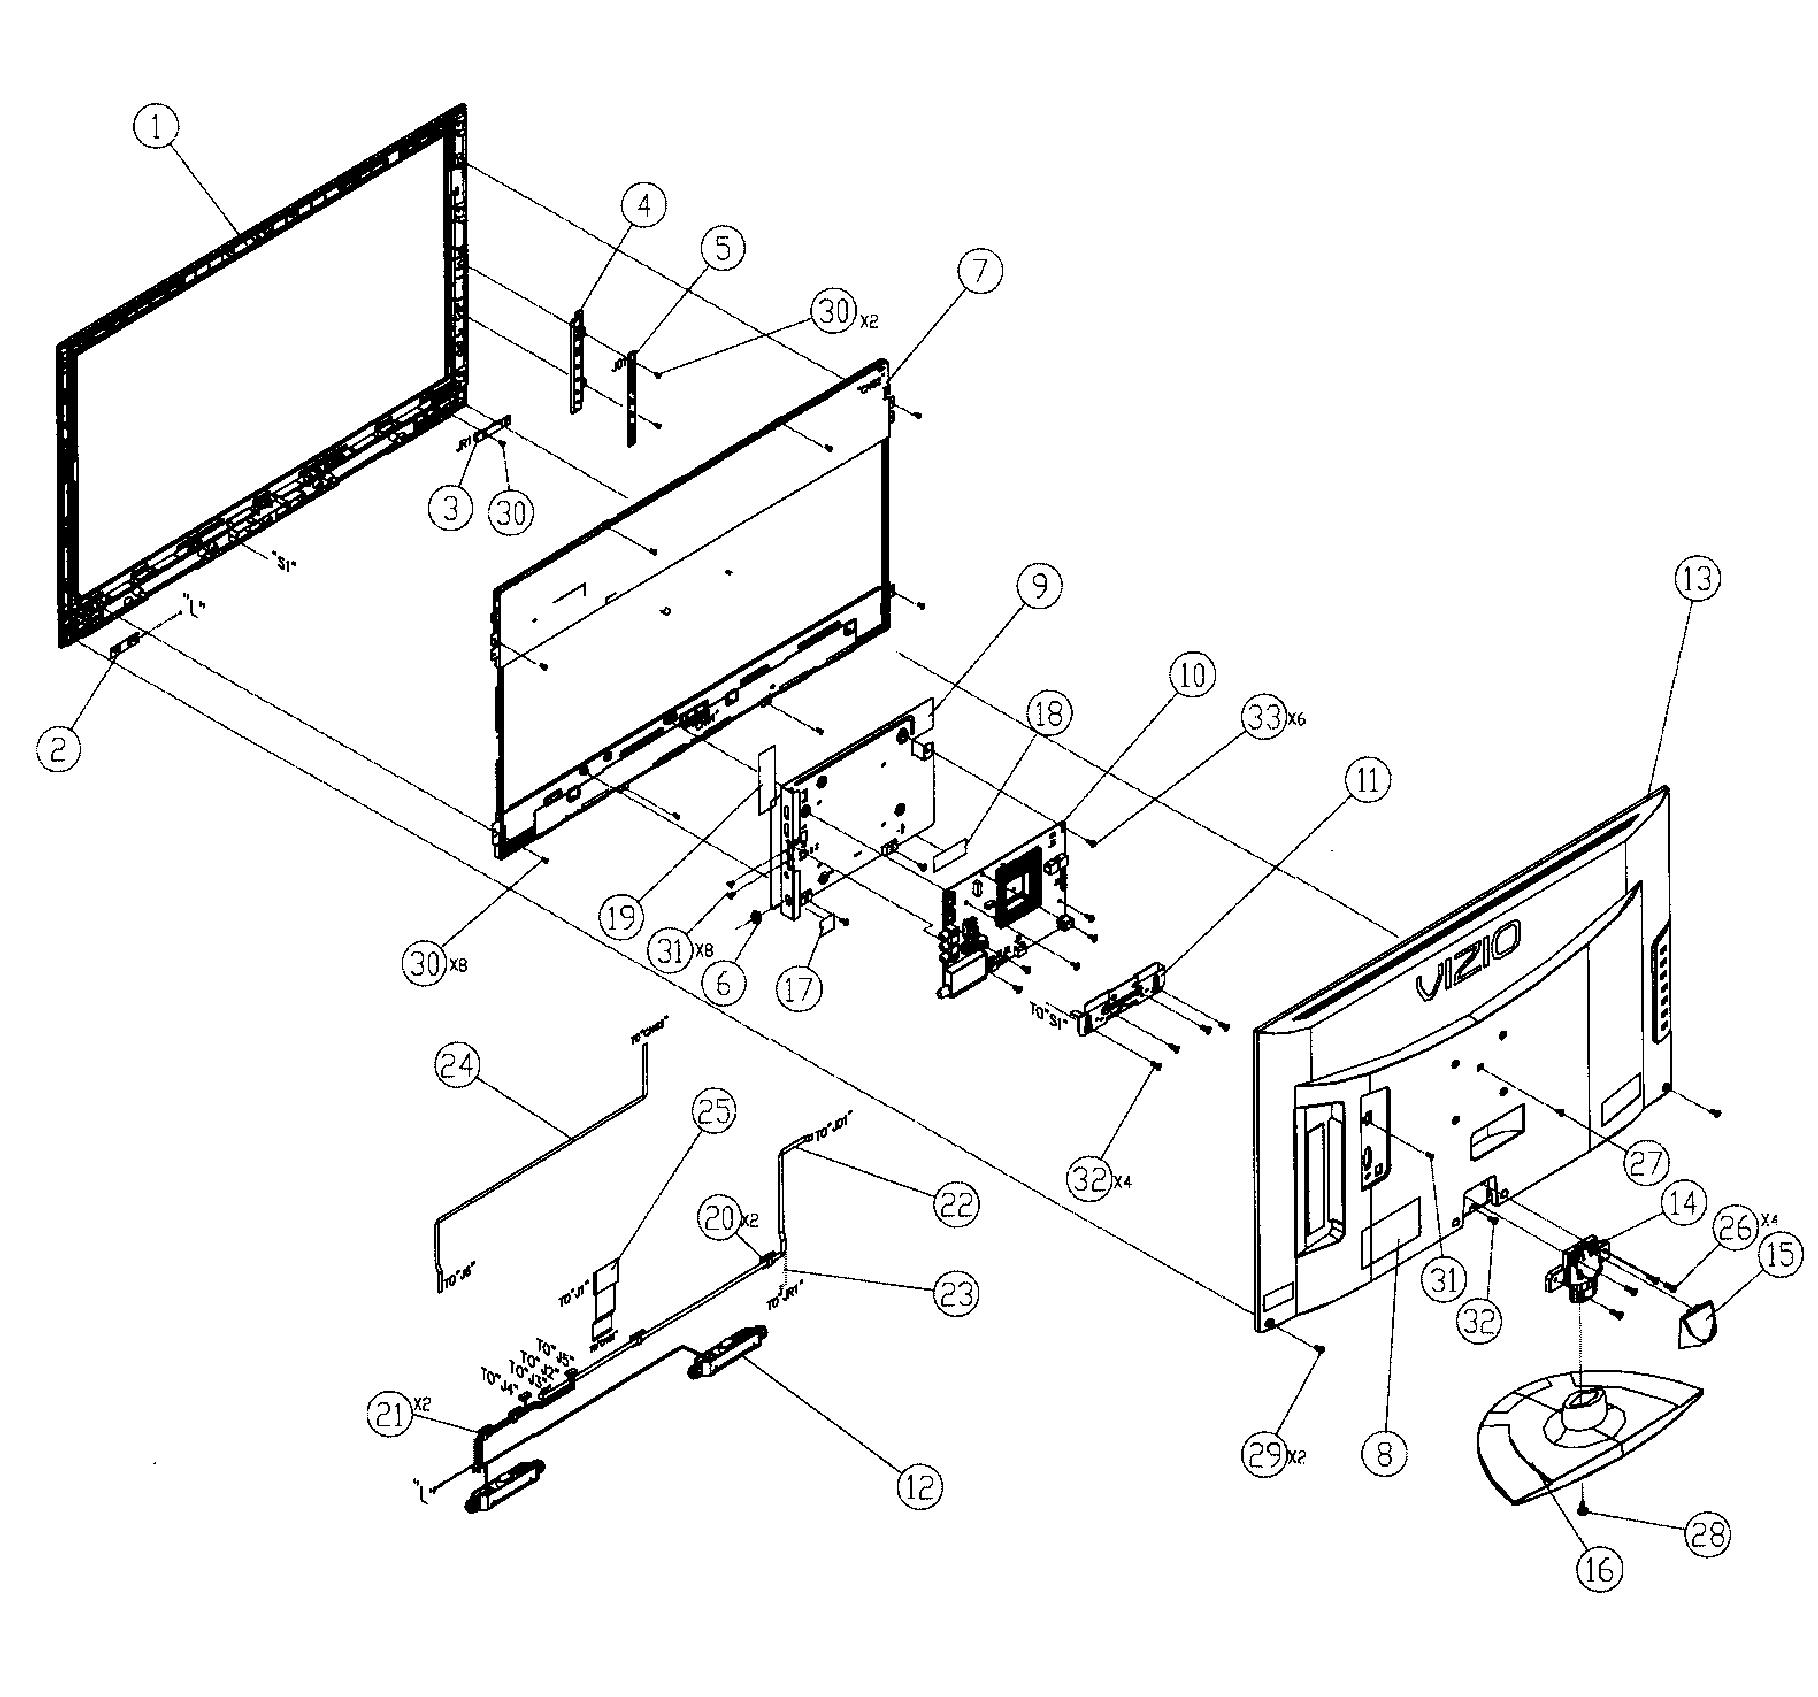 Vizio Tv Schematics Download Flat Screen TV Schematics